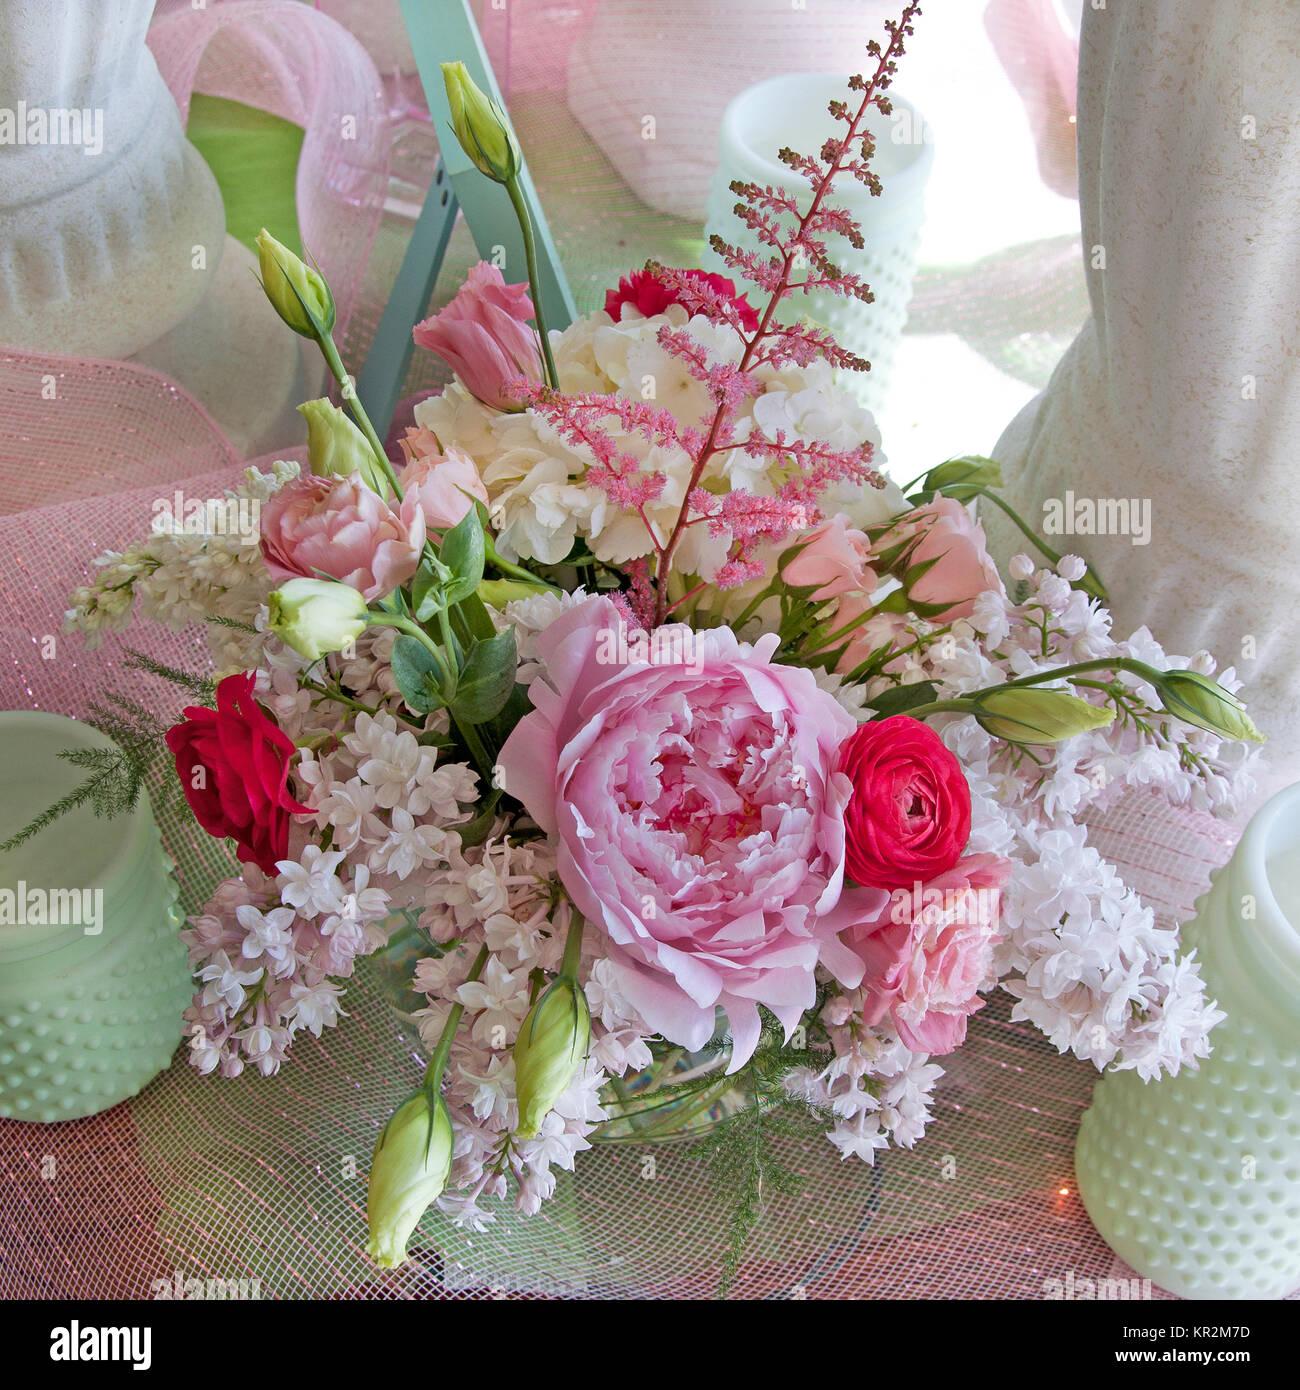 Photo D'un Printemps Bouquet De Mariée Rose Et Blanc Avec